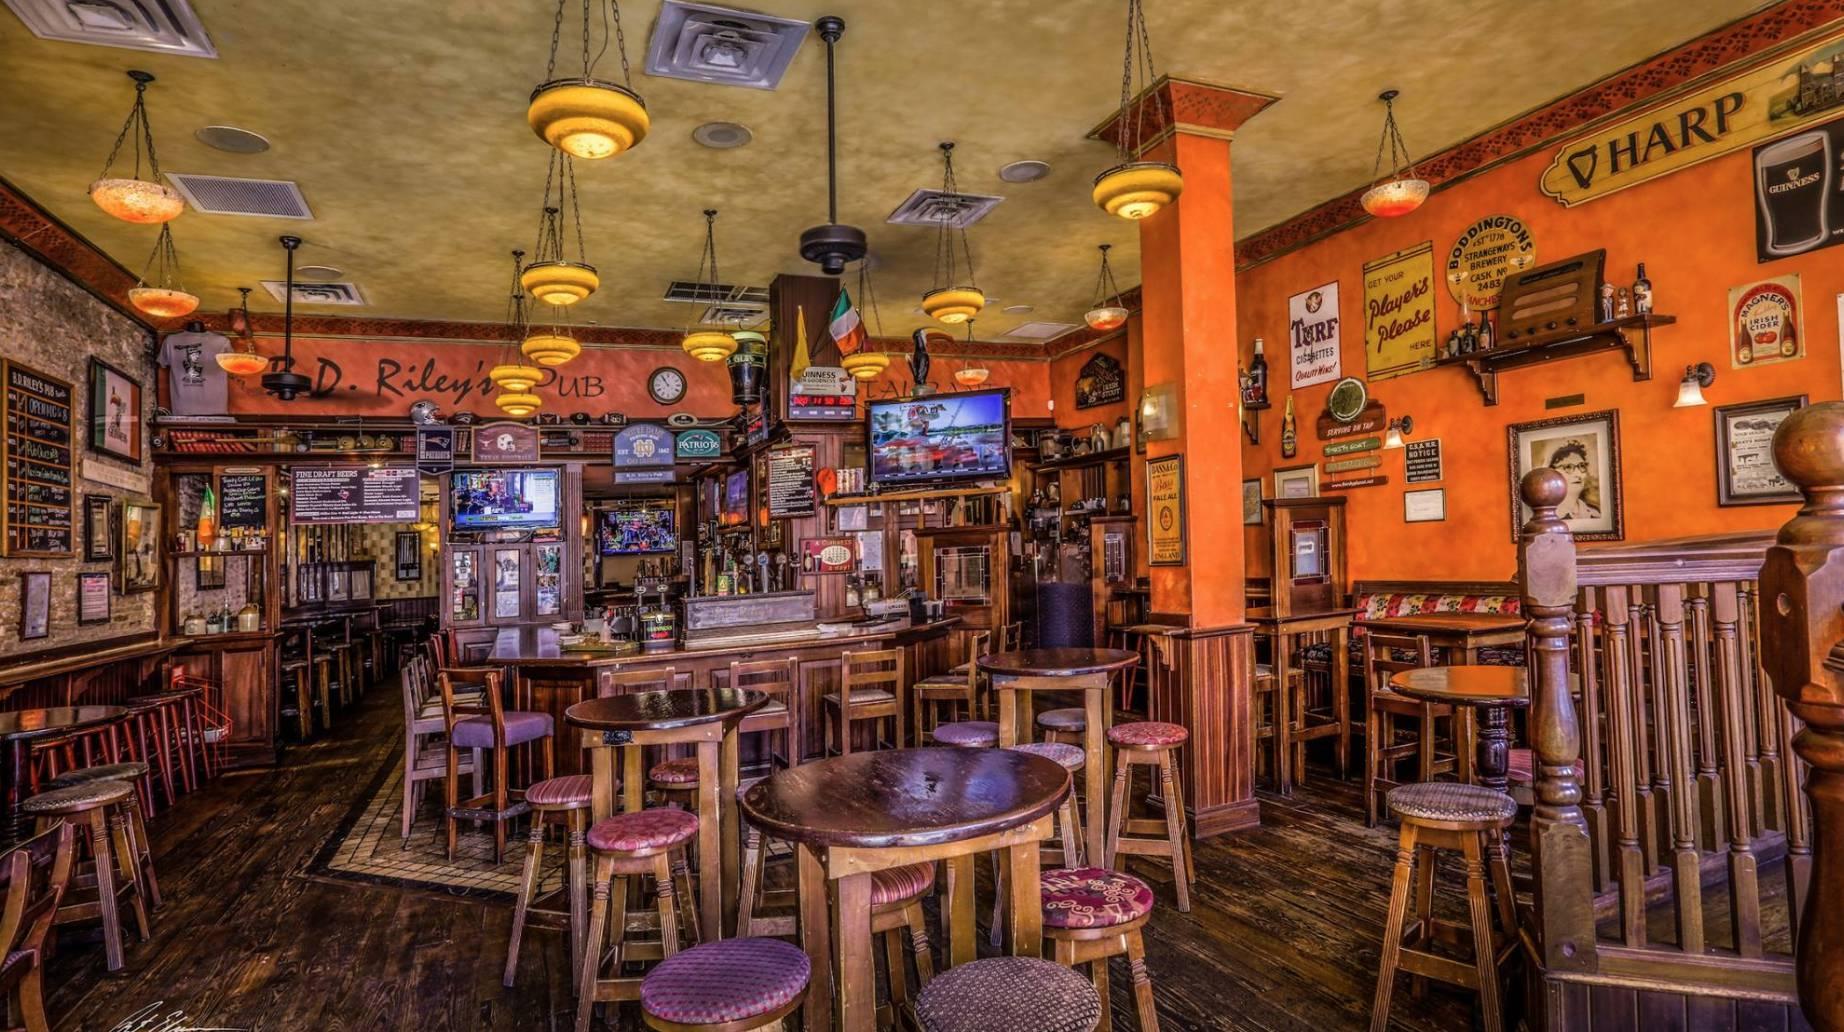 B.D. Riley's Irish Pub Downtown